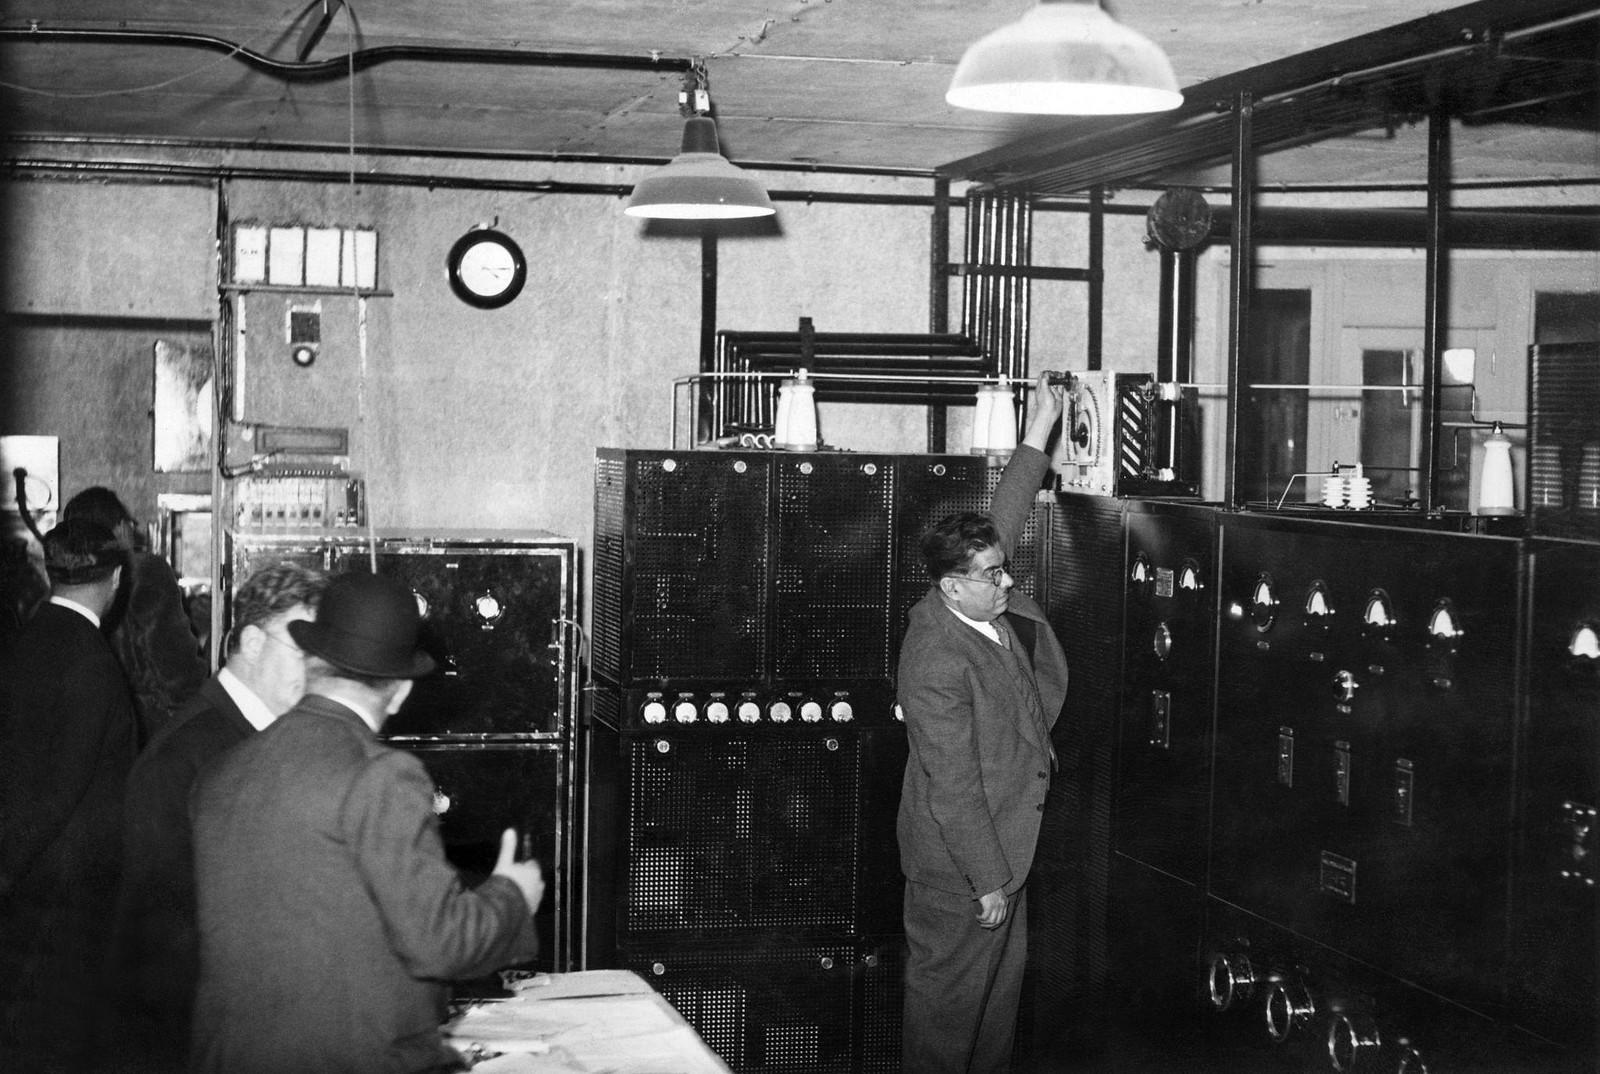 15. 1935. Включение телевизионного передатчика на Эйфелевой башне во время его первого испытания